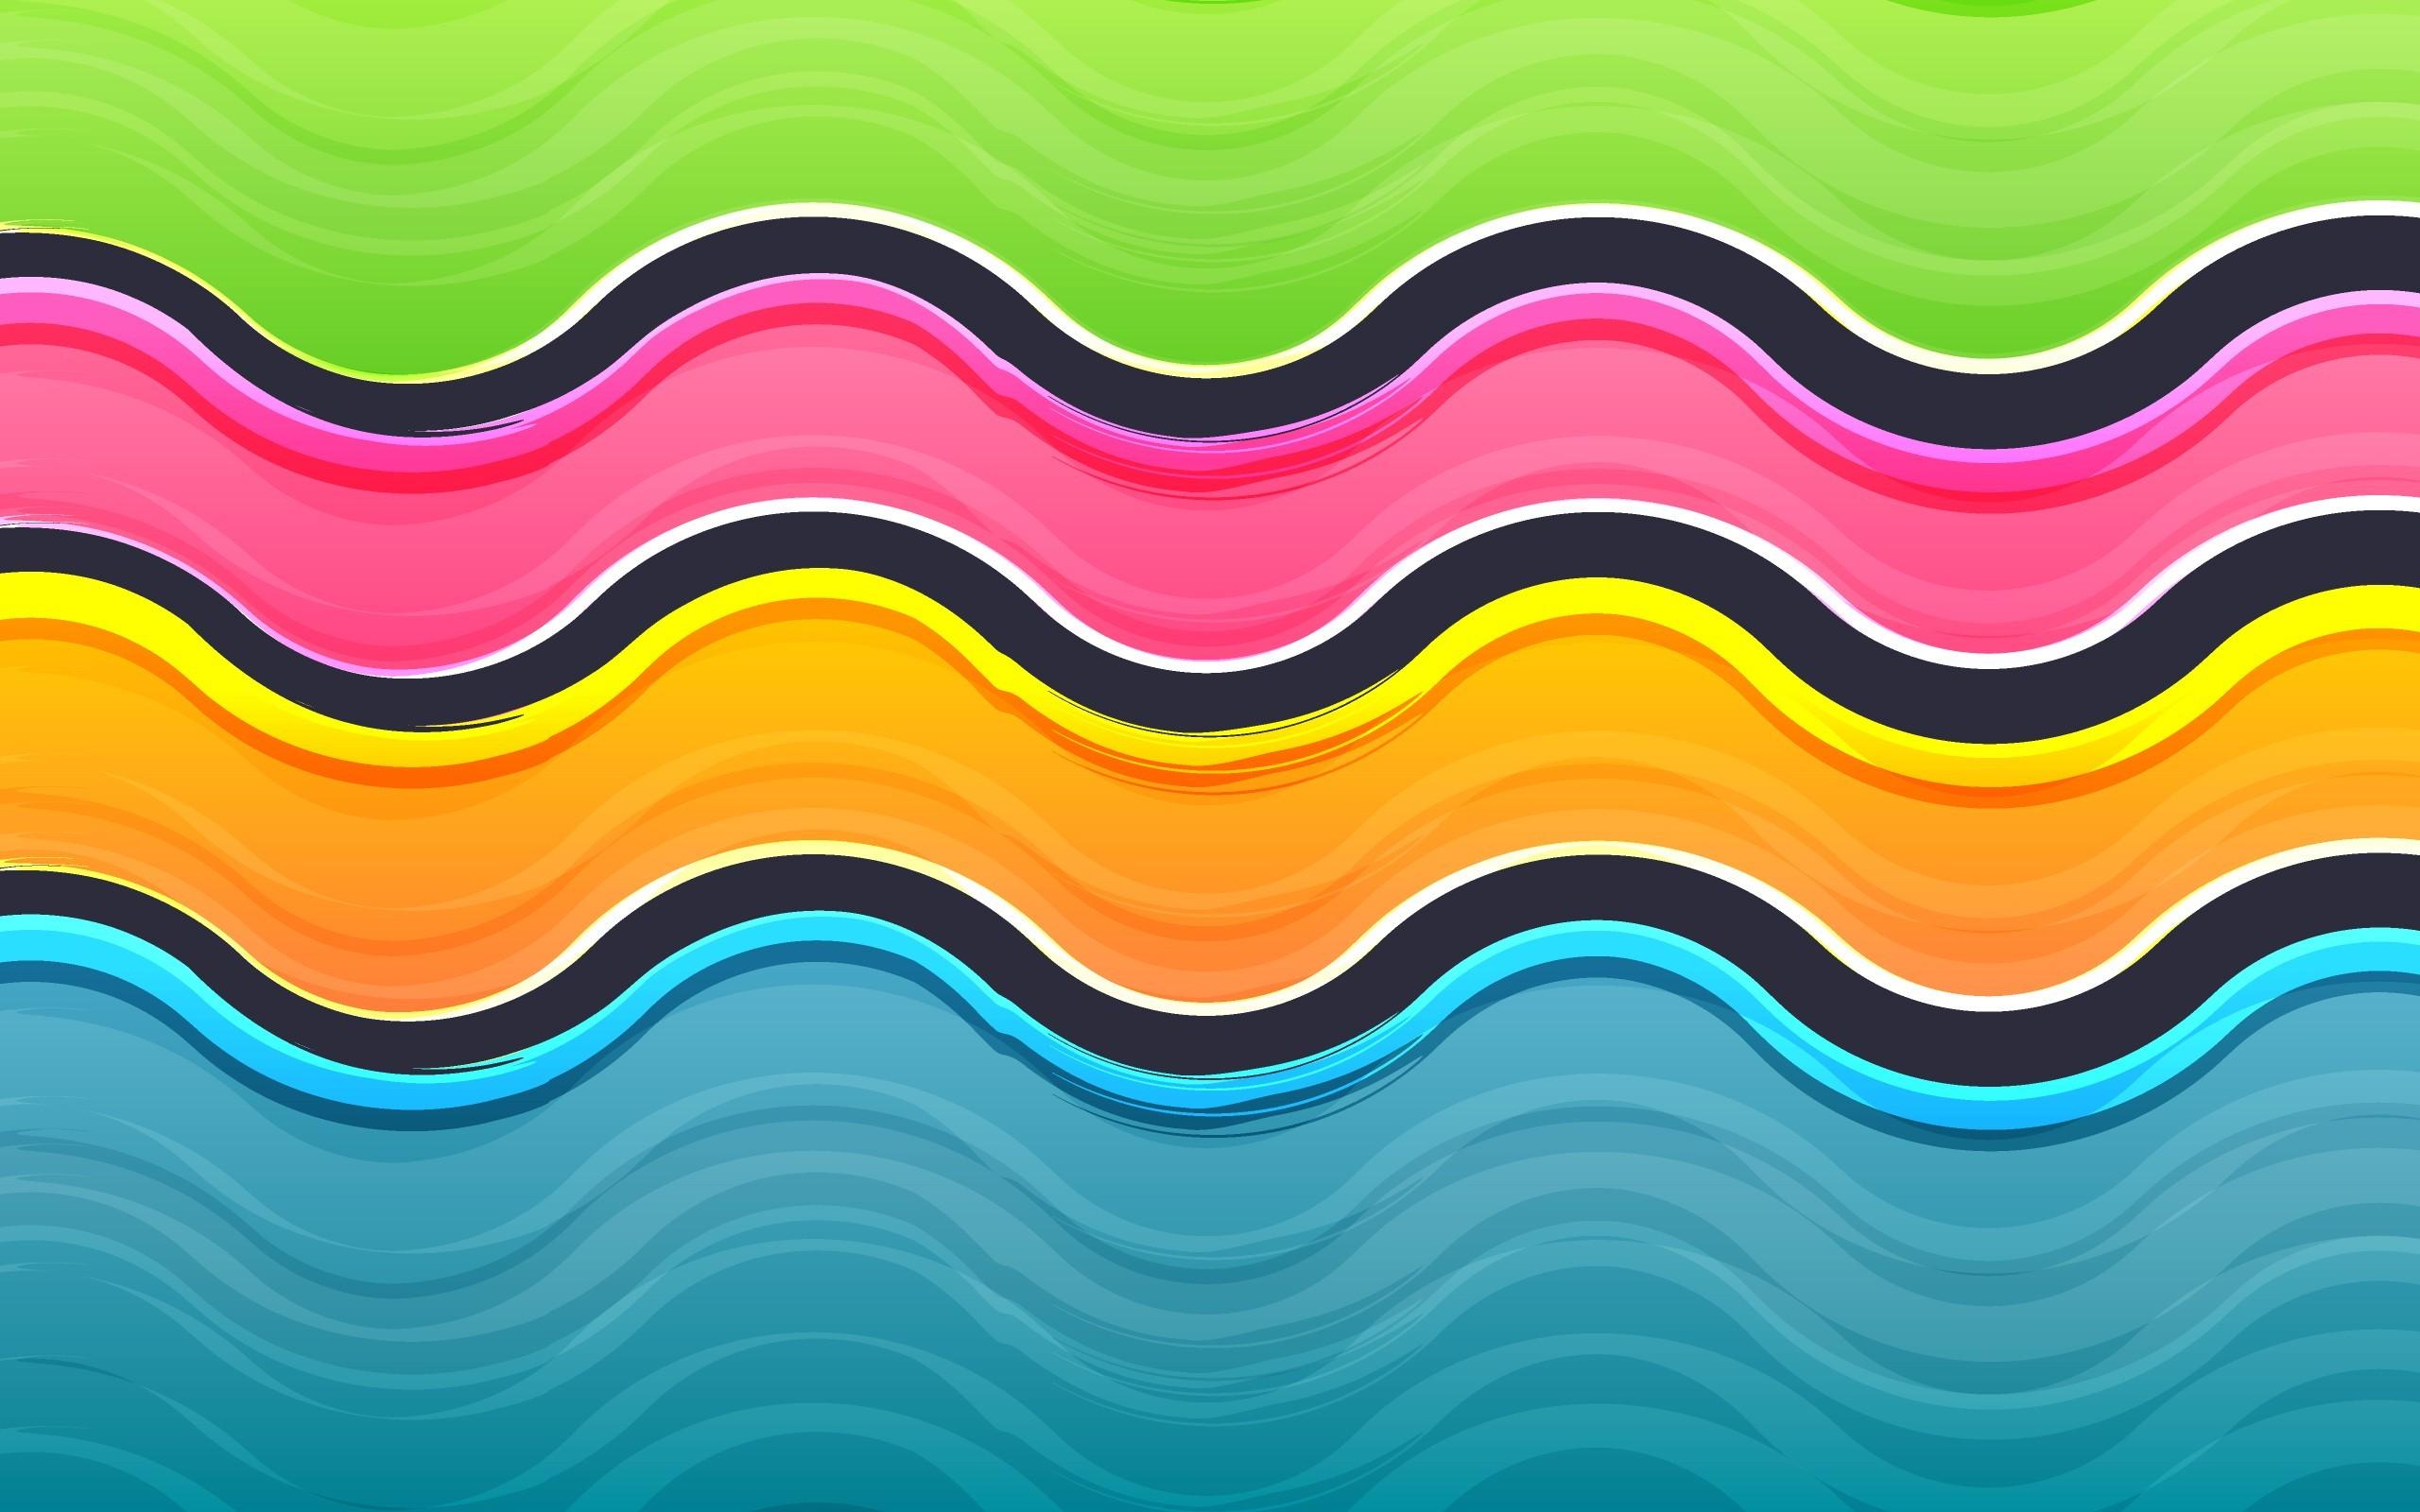 небольшого картинки линии волны ноут имеет яркую